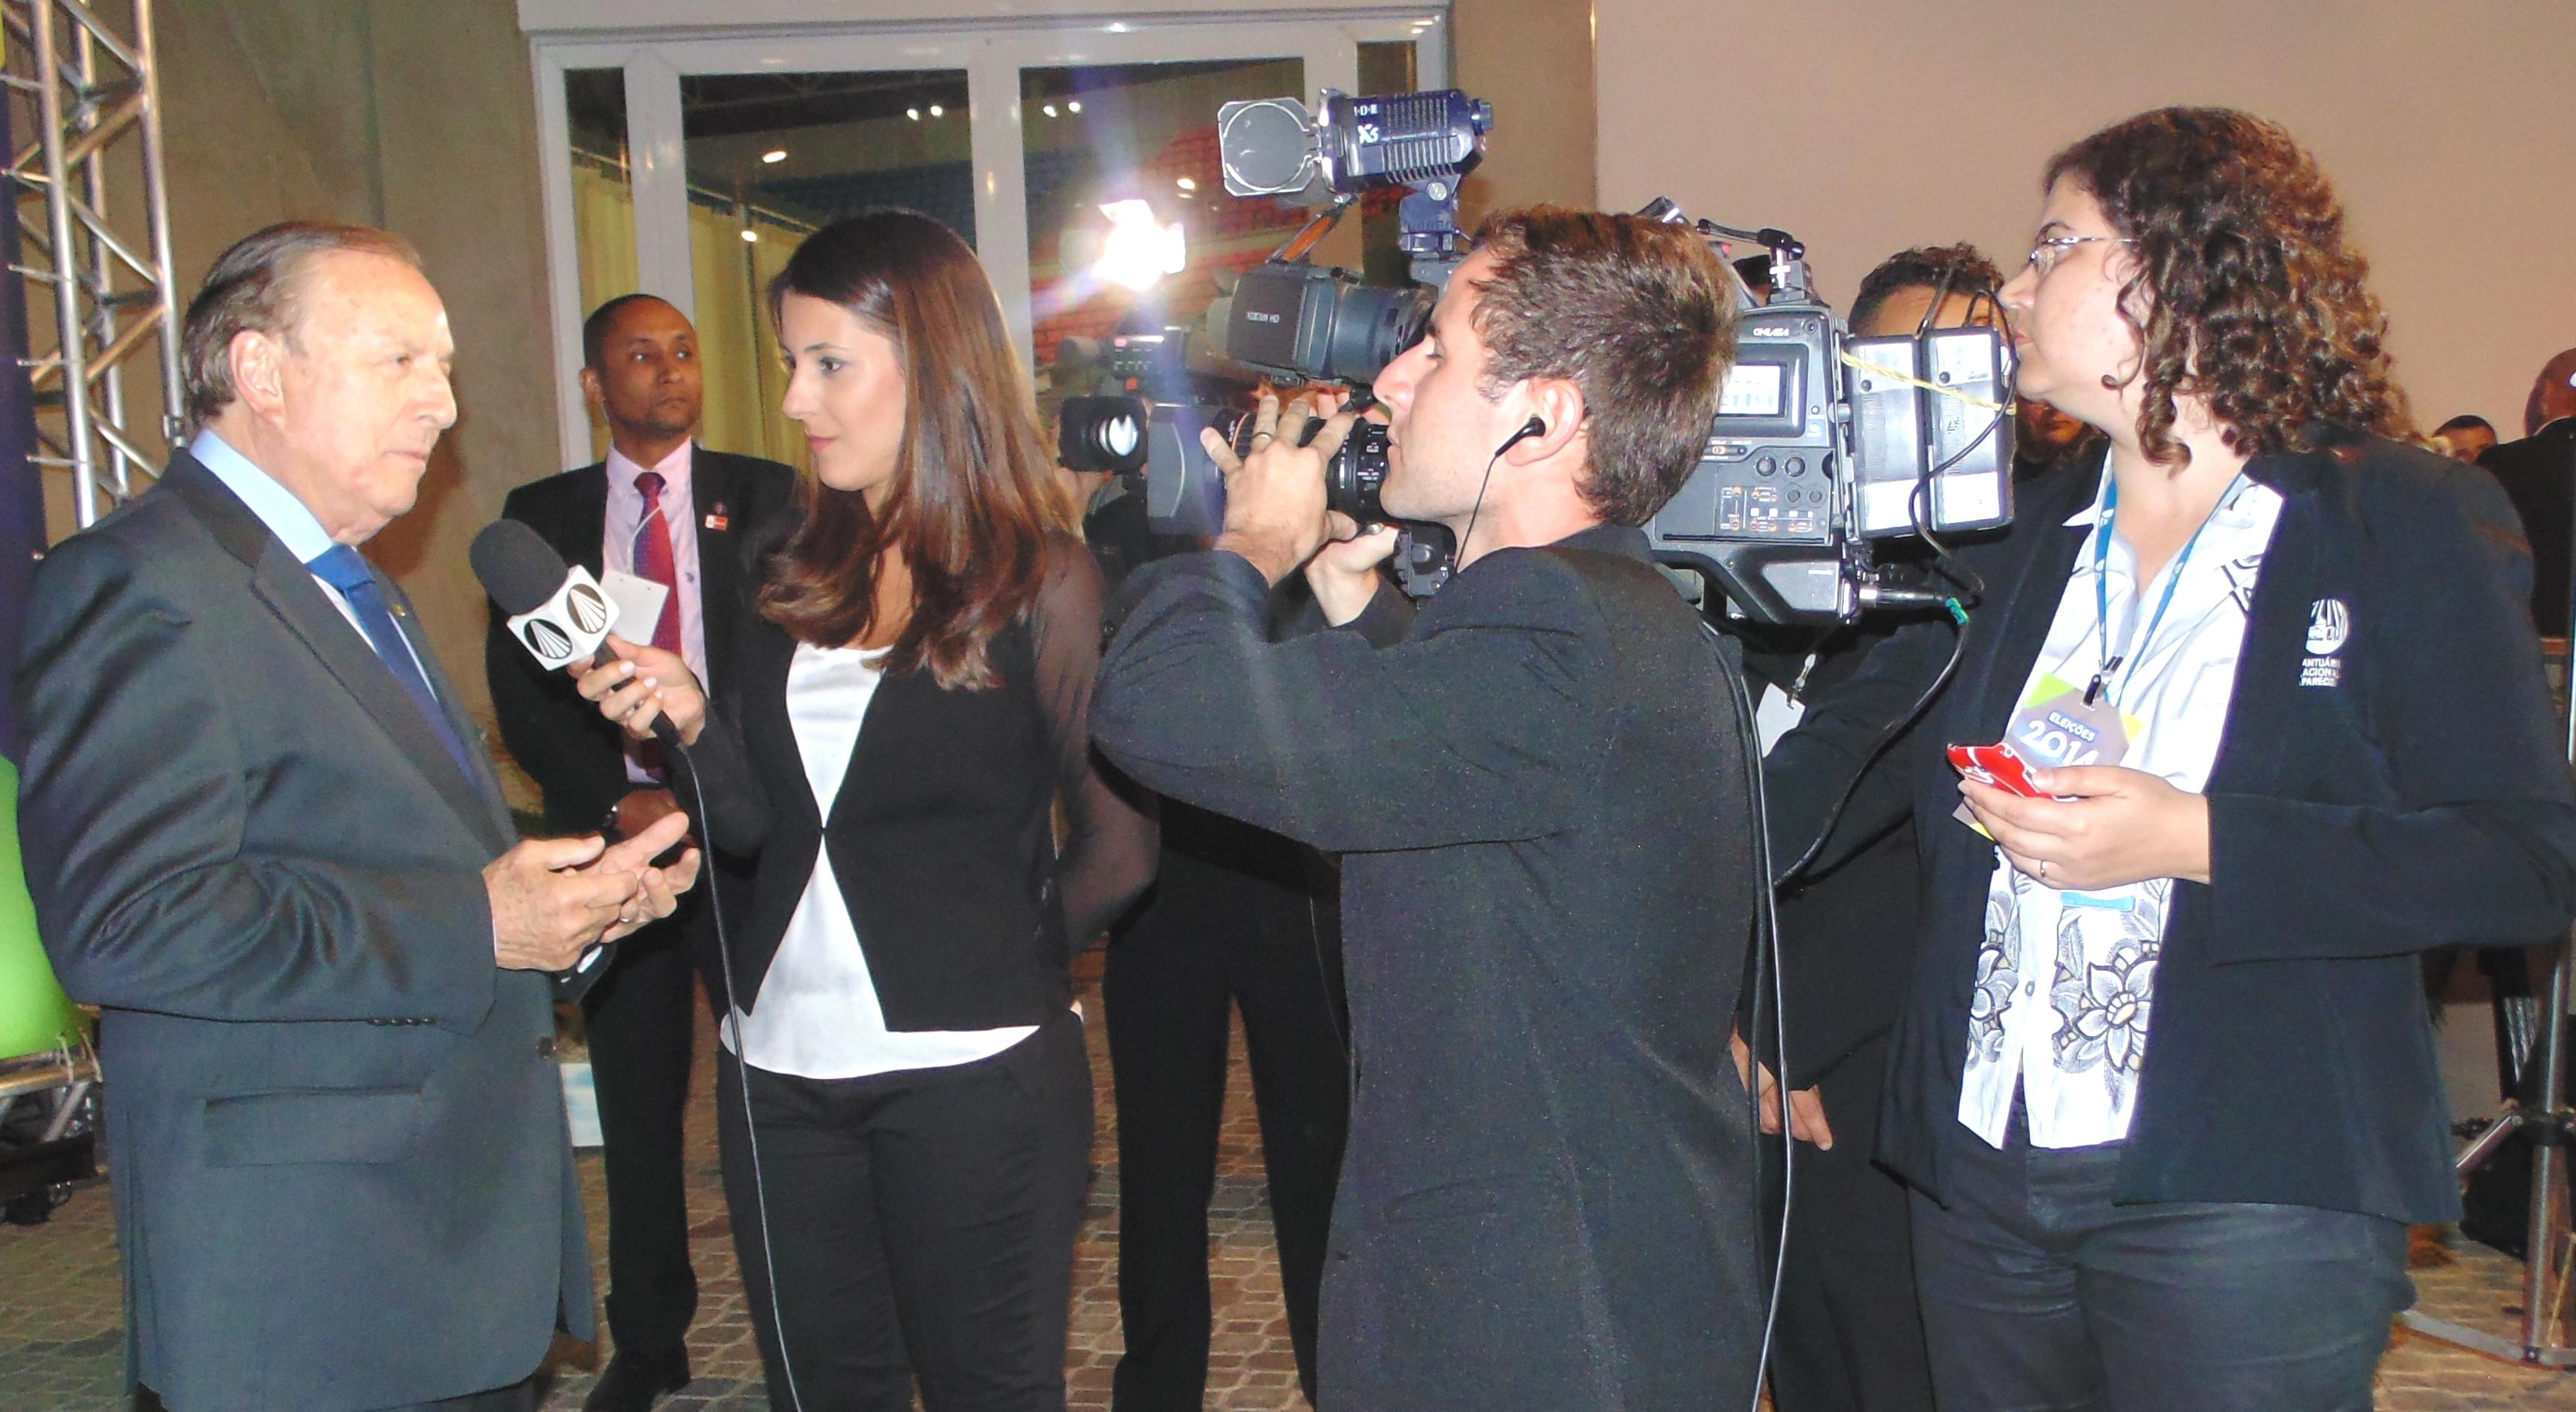 Eymael concede entrevista antes do debate a TV Aparecida e demais emissoras católicas.